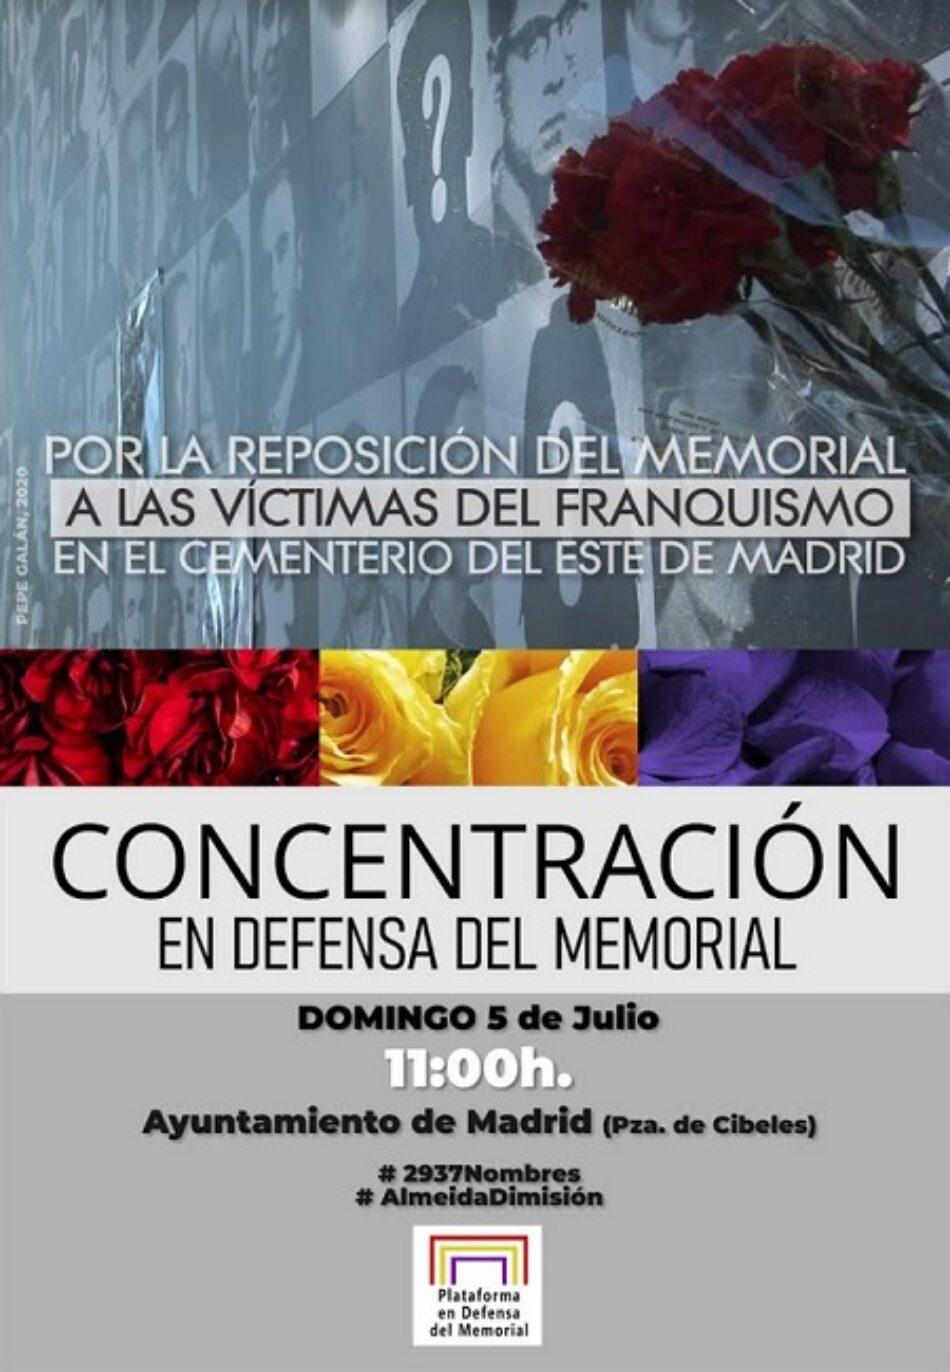 5J: Convocada concentración para exigir la reposición del Memorial del Cementerio del Este de Madrid